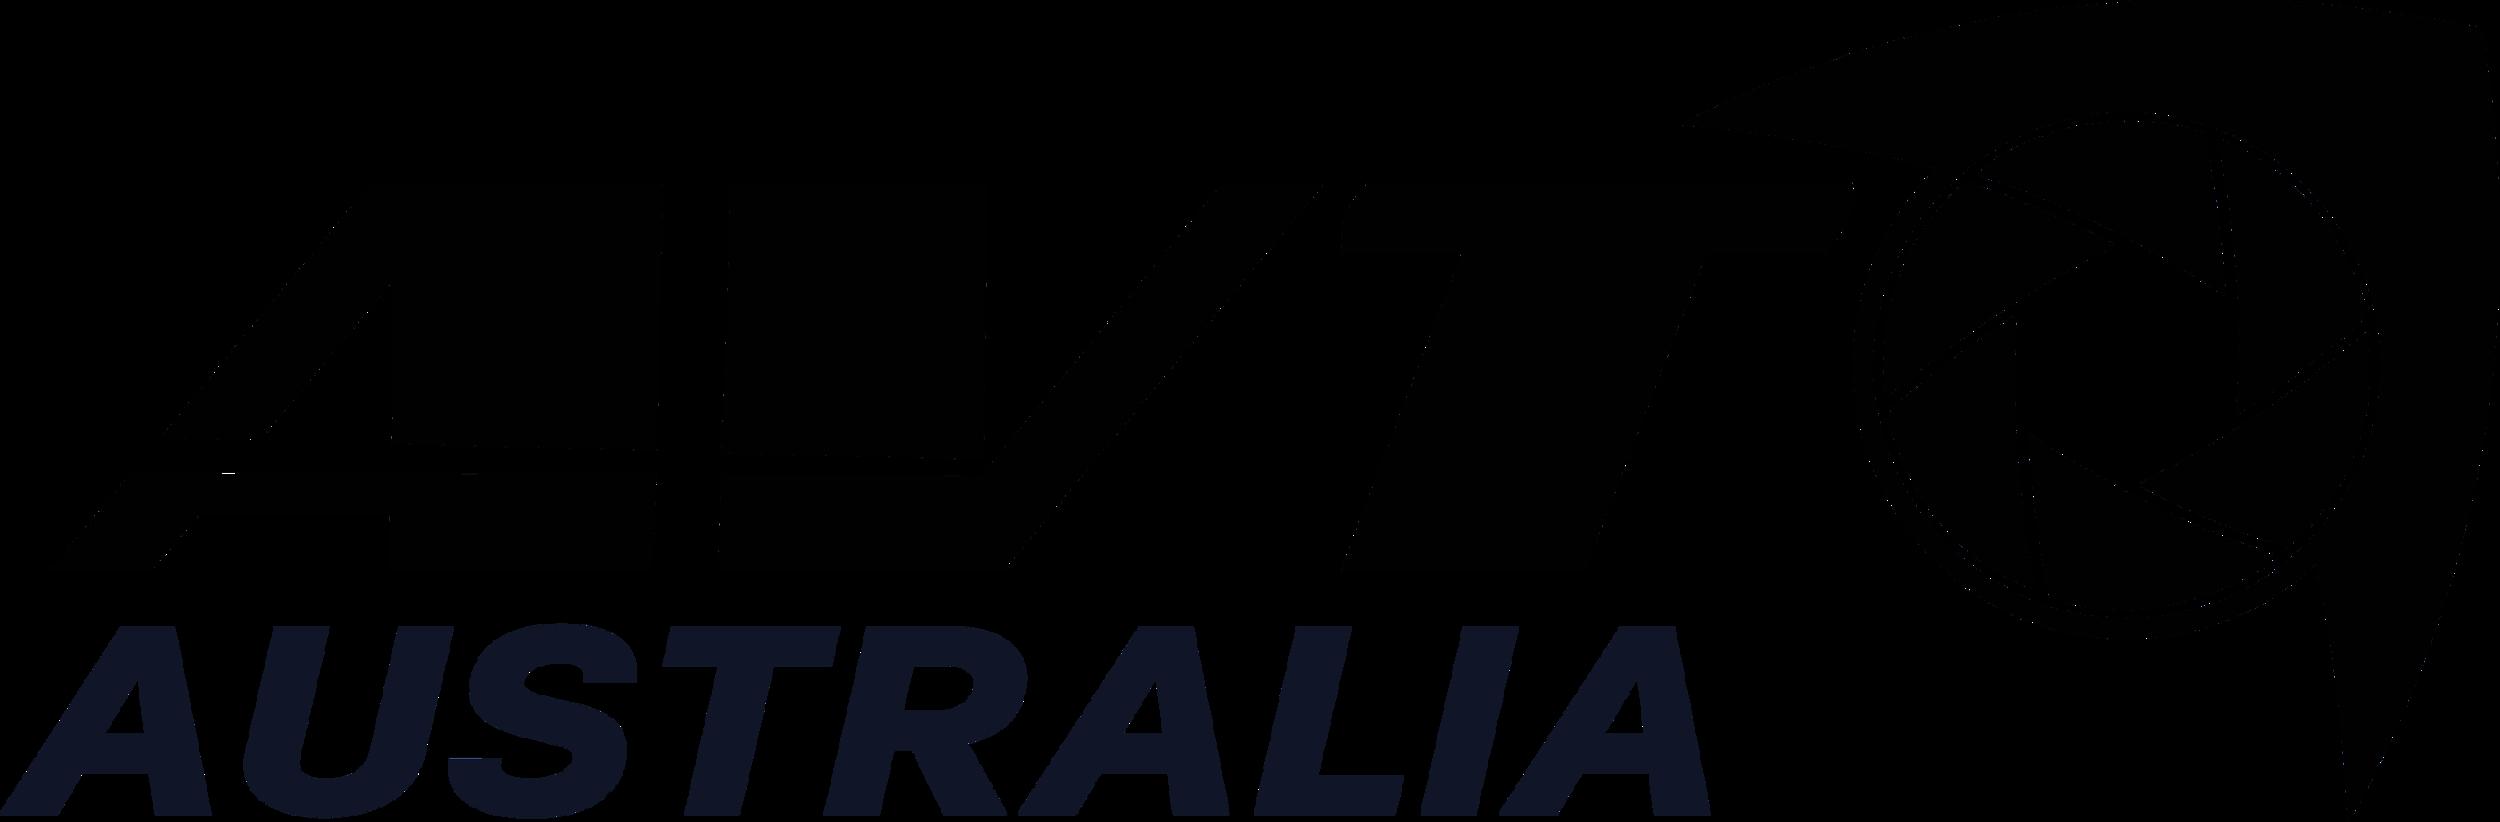 AVT-Australia.png